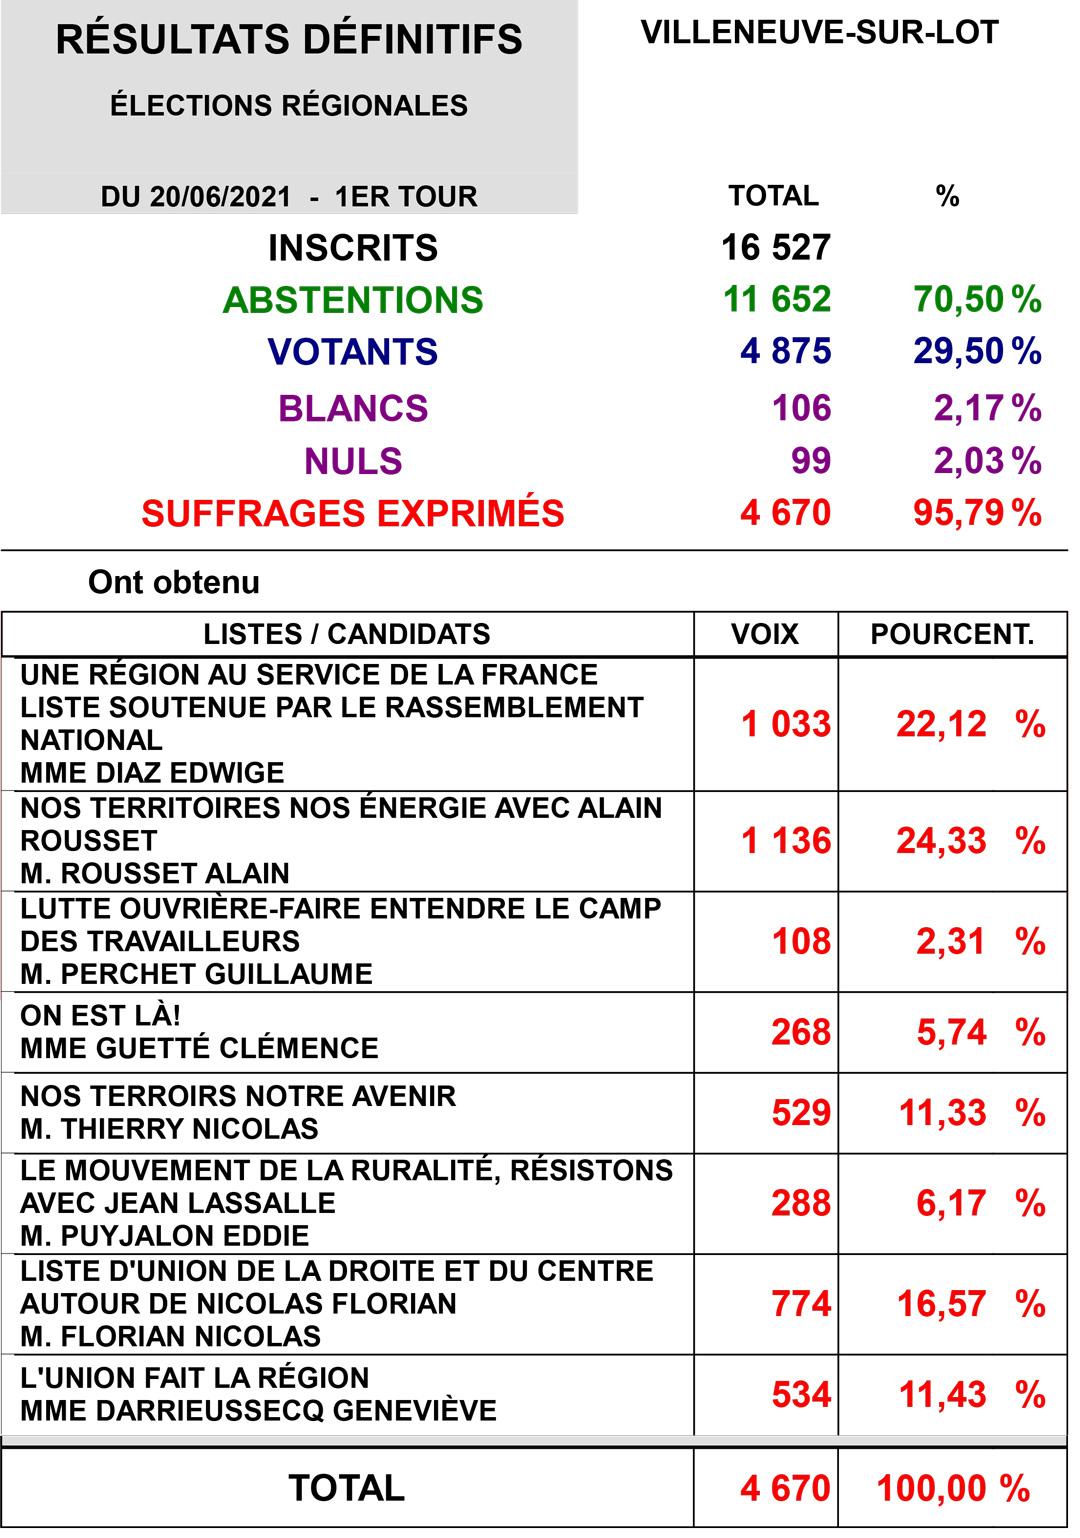 Régionales 2021Villeneuve-sur-Lot premier tour